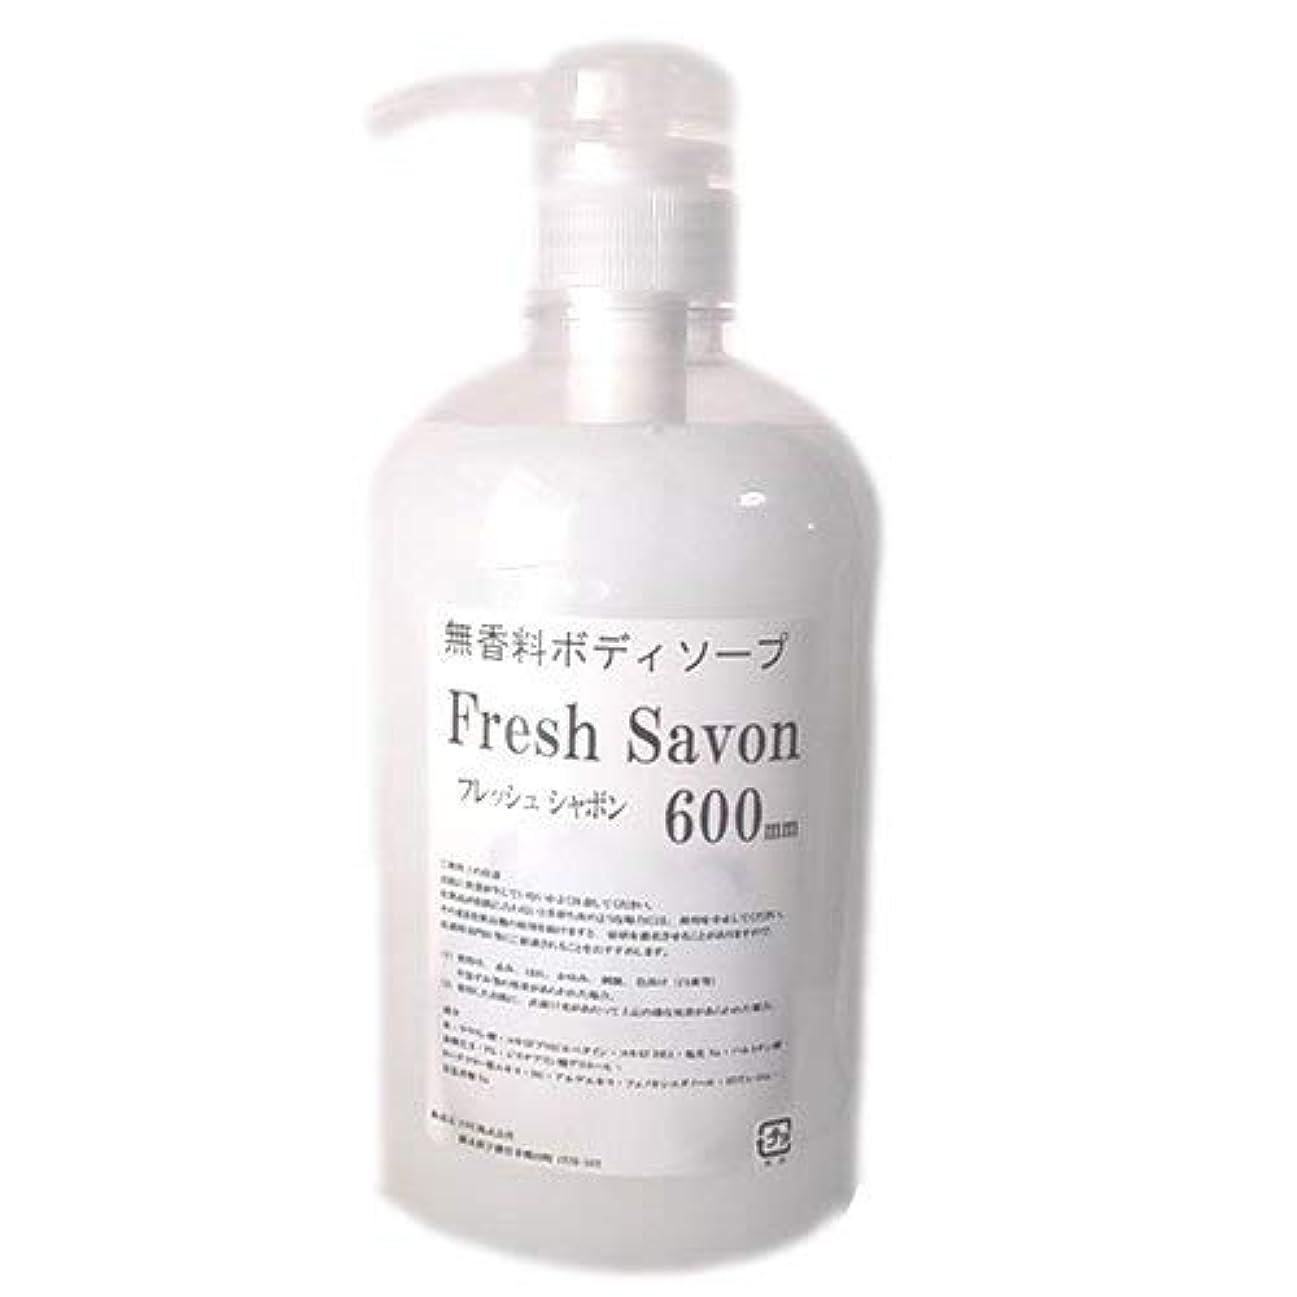 混乱させる透明にさわやか業務用 無香料ボディソープ フレッシュシャボン 香りが残らないタイプ (1本)